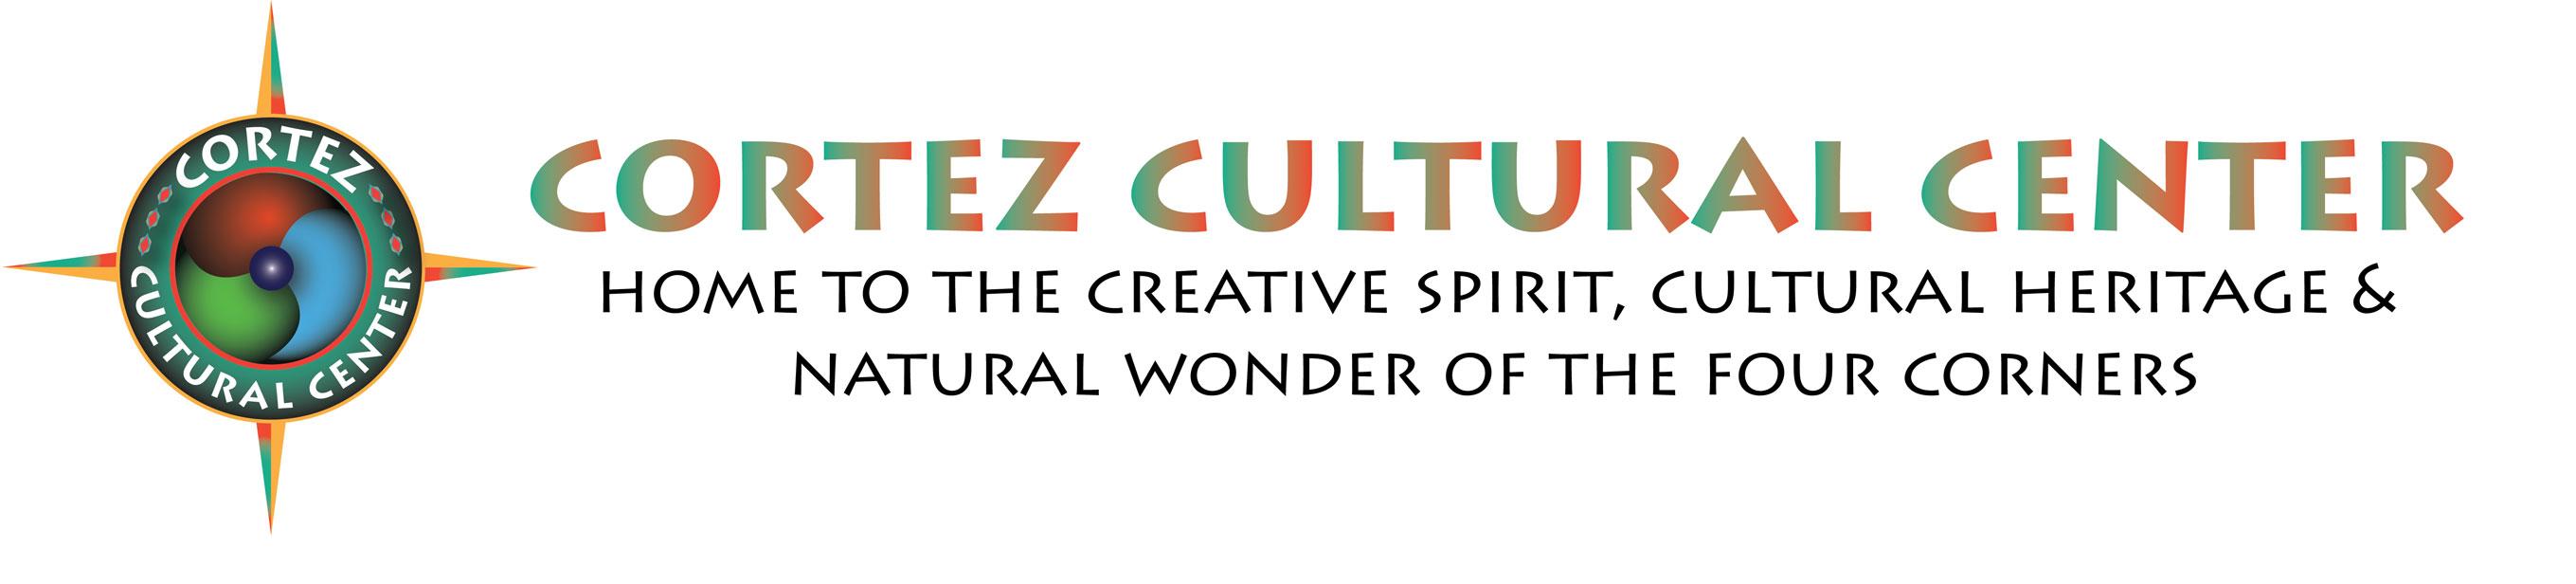 Cortez_Cultural_Center